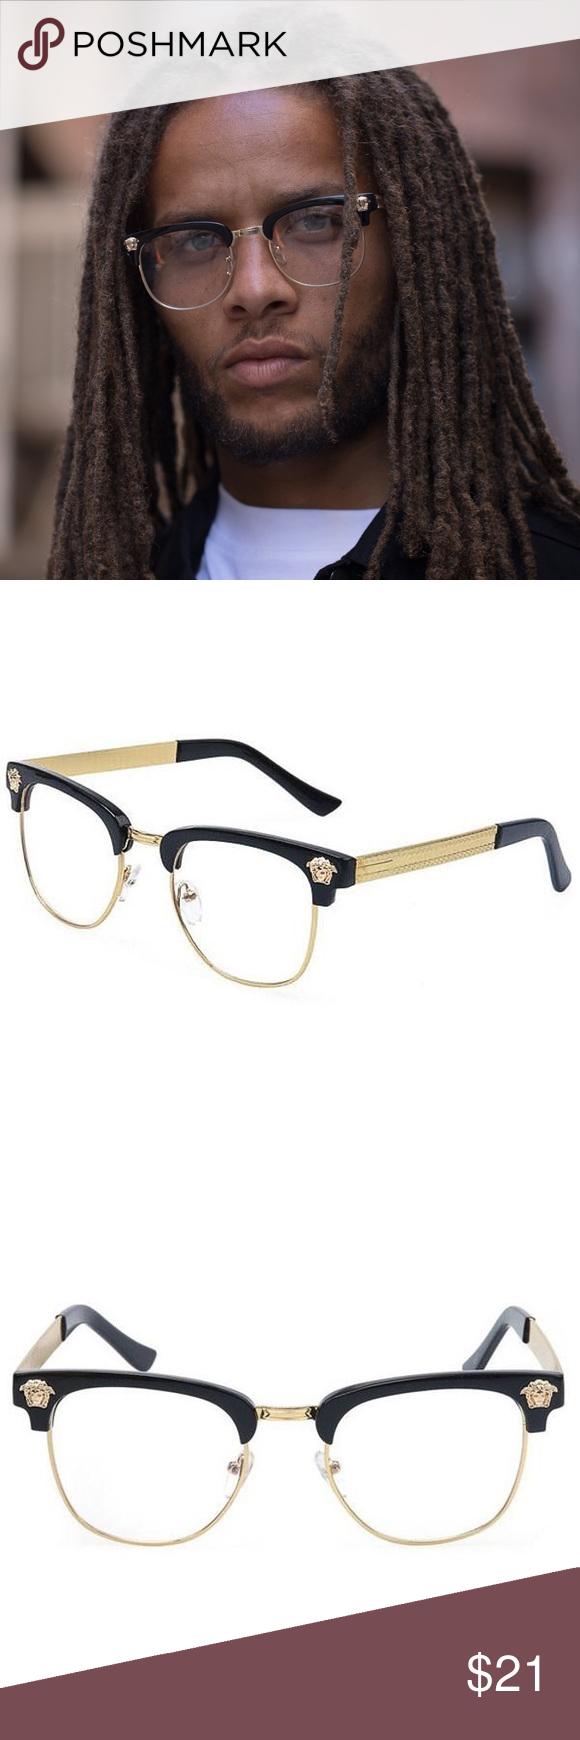 cbd4da1e7194 Gold Frame Clear Medusa Glasses Gold Frame Clear Medusa Glasses Acetate Frame  Gold Accents and Arms